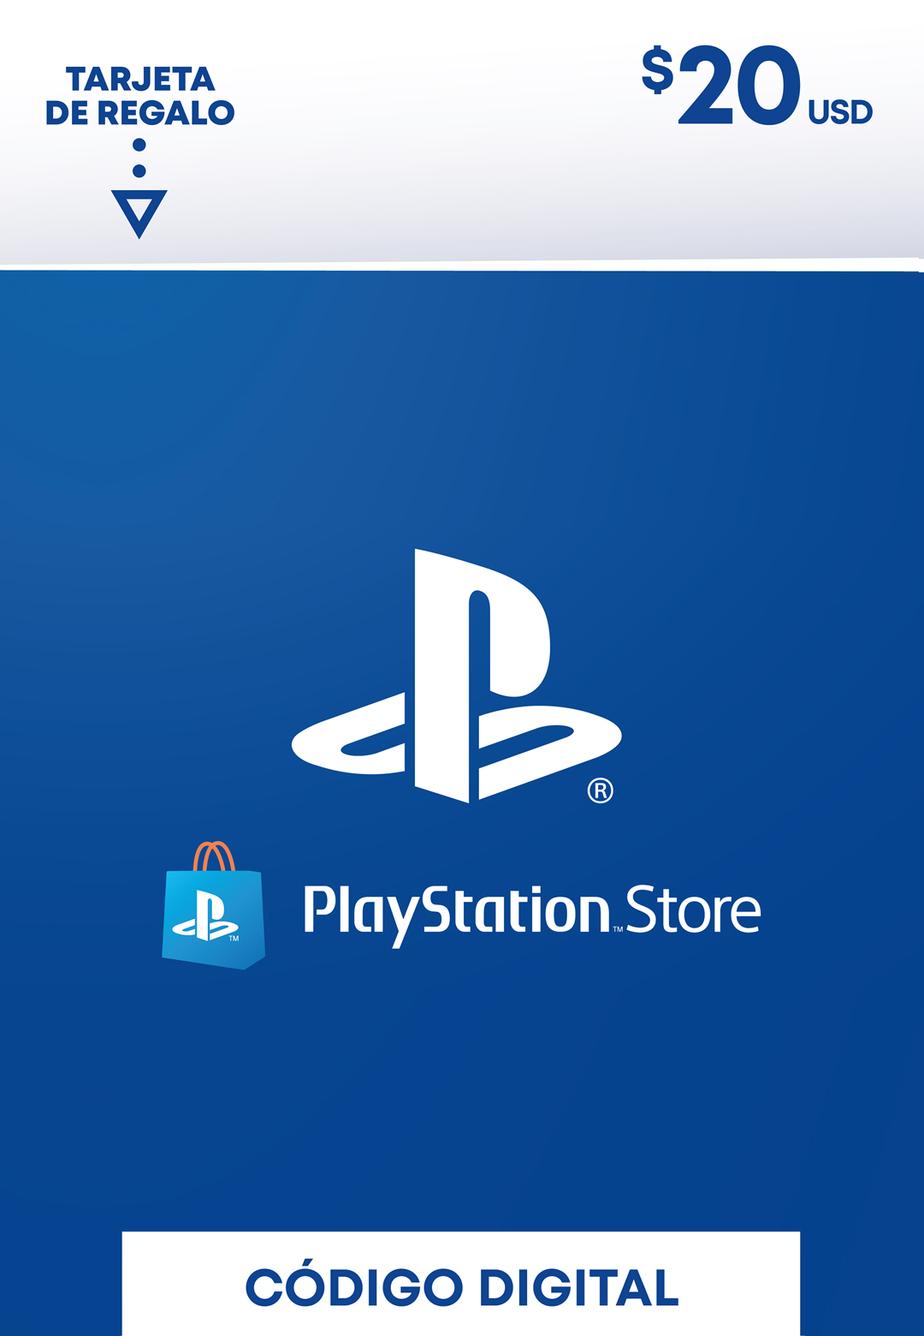 Tarjeta de Regalo PlayStation Store de 20 Dolares